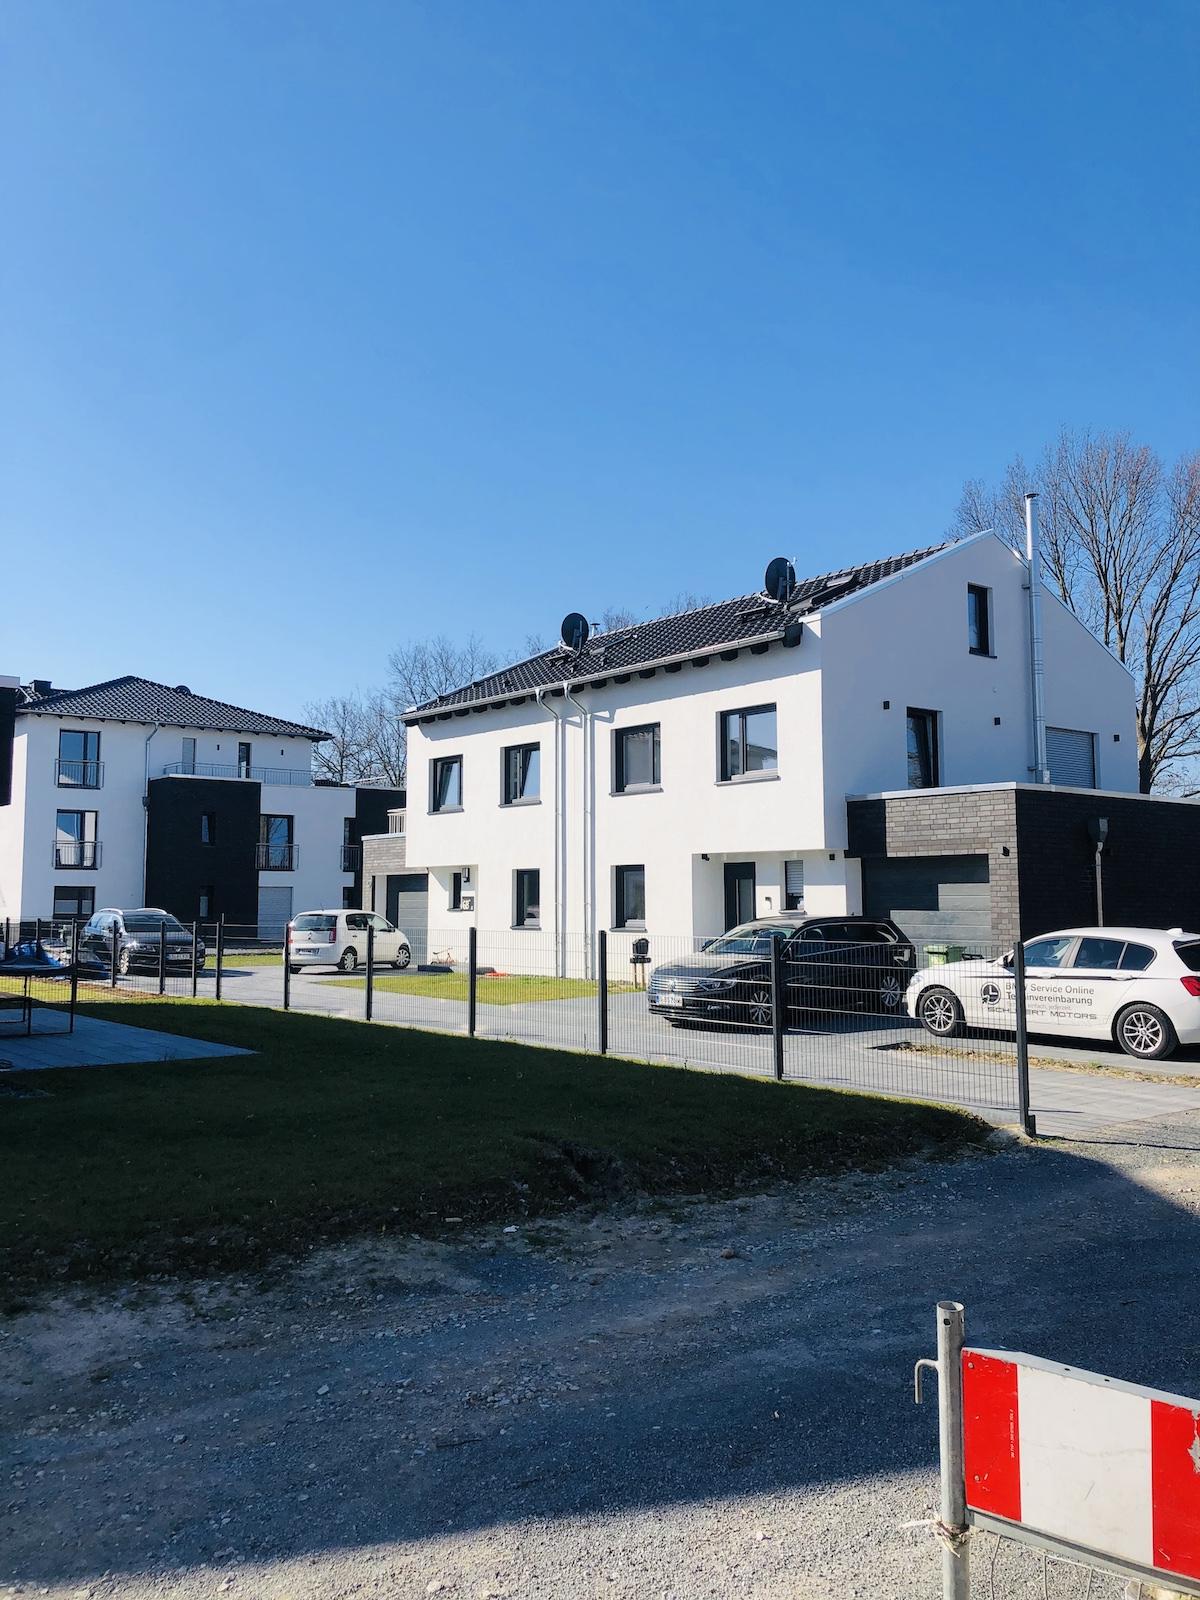 3 Doppelhäuser, Eichhof II Wedtlenstedt-2